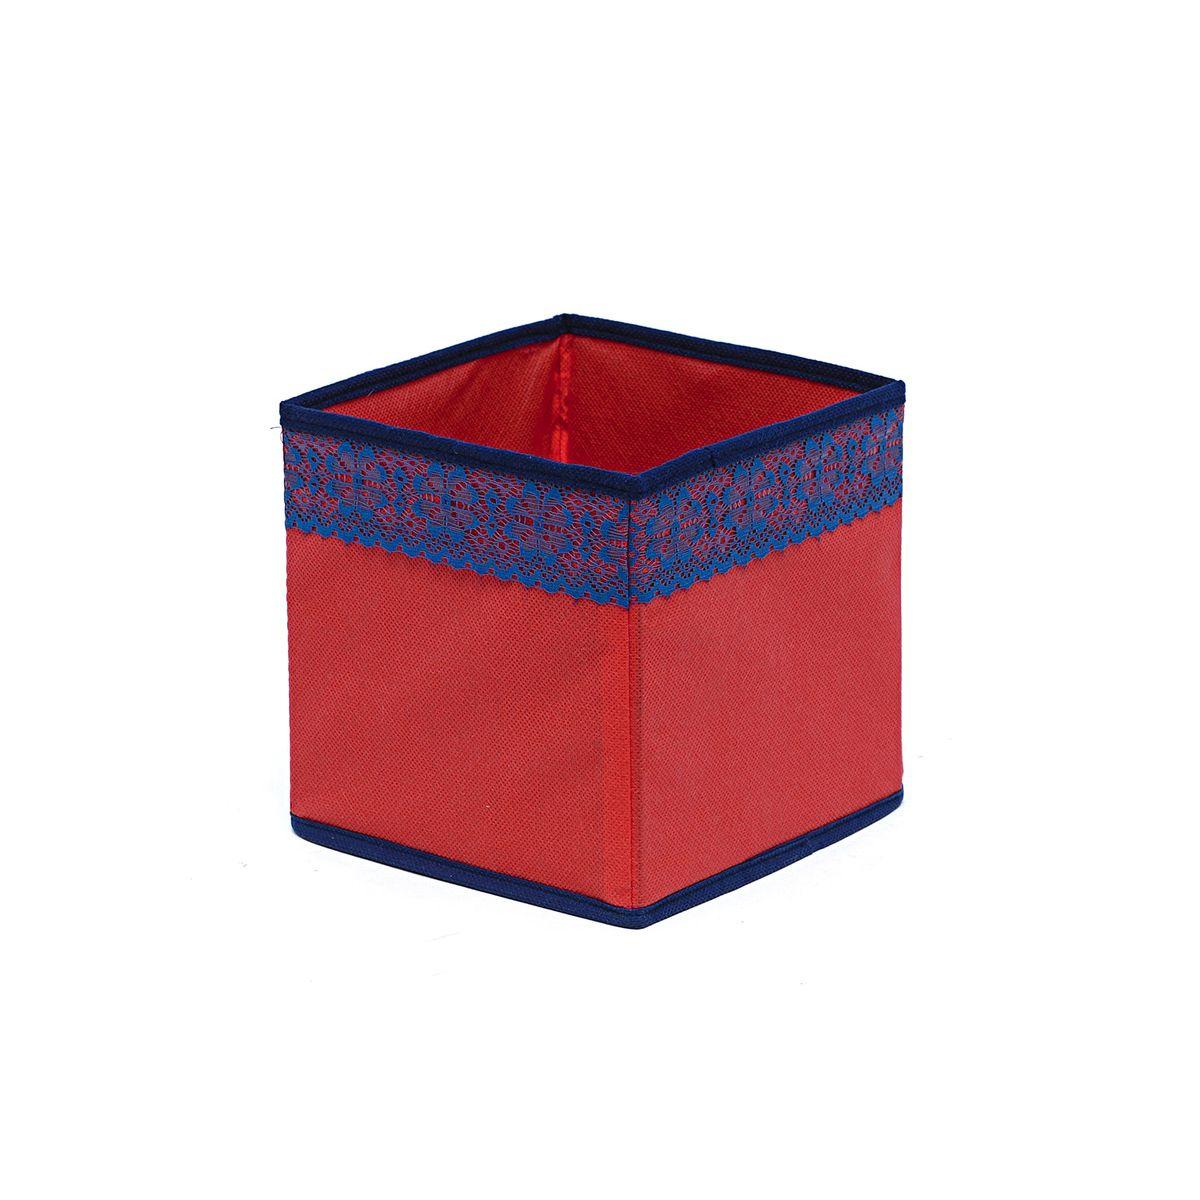 Кофр для хранения Homsu Rosso, 17 х 17 х 17 смRG-D31SКофр для хранения Homsu Rosso изготовлен из высококачественного нетканого полотна и декорирован красочным изображением. Кофр имеет одно большое отделение, где вы можете хранить различные бытовые вещи, нижнее белье, одежду и многое другое. Вставки из картона обеспечивают прочность конструкции. Стильный принт, модный цвет и качество исполнения сделают такой кофр незаменимым для хранения ваших вещей.